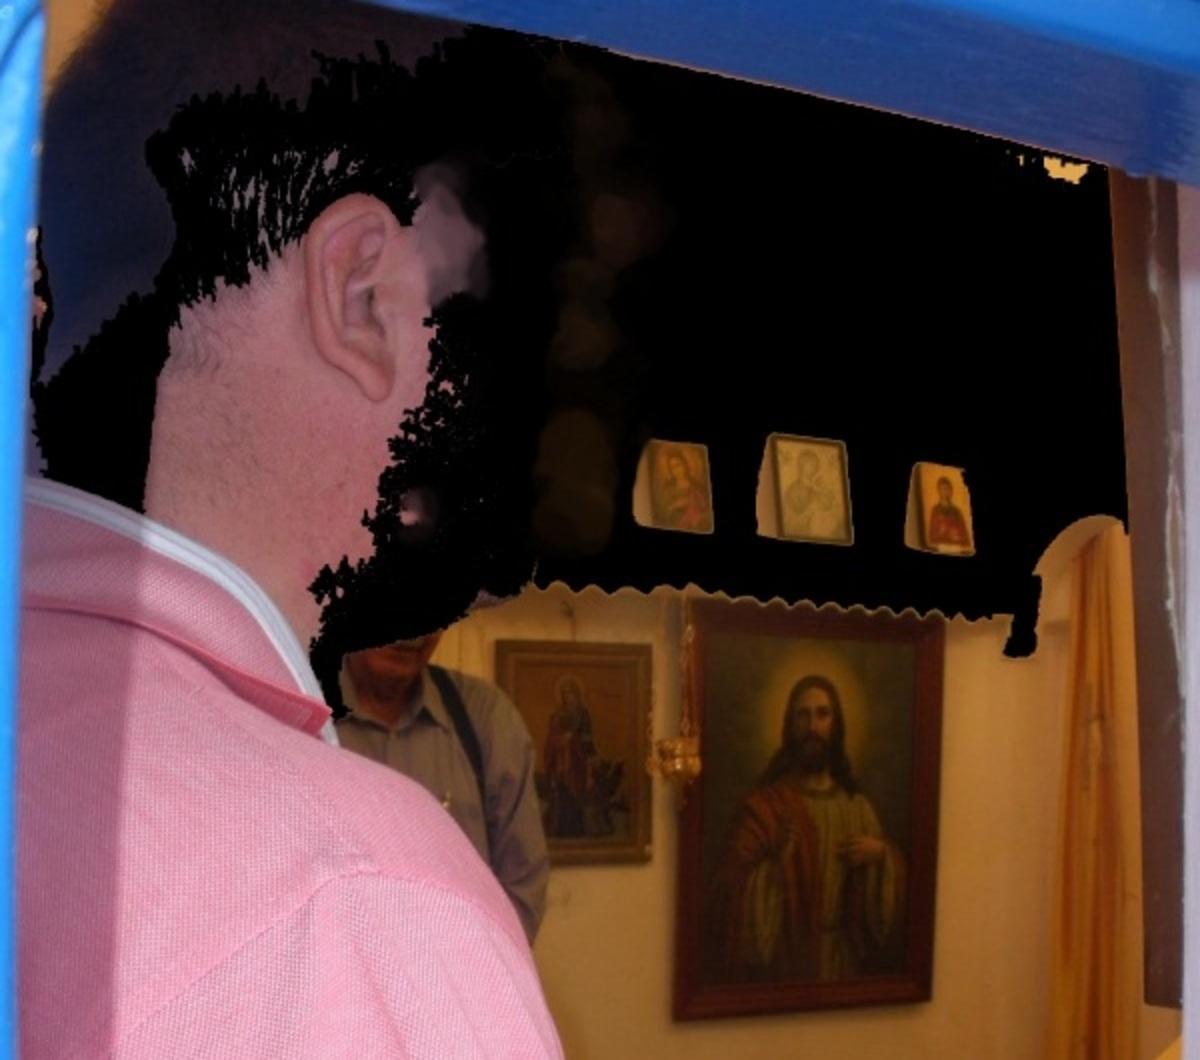 Αχαϊα:Έξω φρενών ο ιερέας με την ερωτική ζωή του ψάλτη – »Θα σε διώξω με τις κλωτσιές»!   Newsit.gr